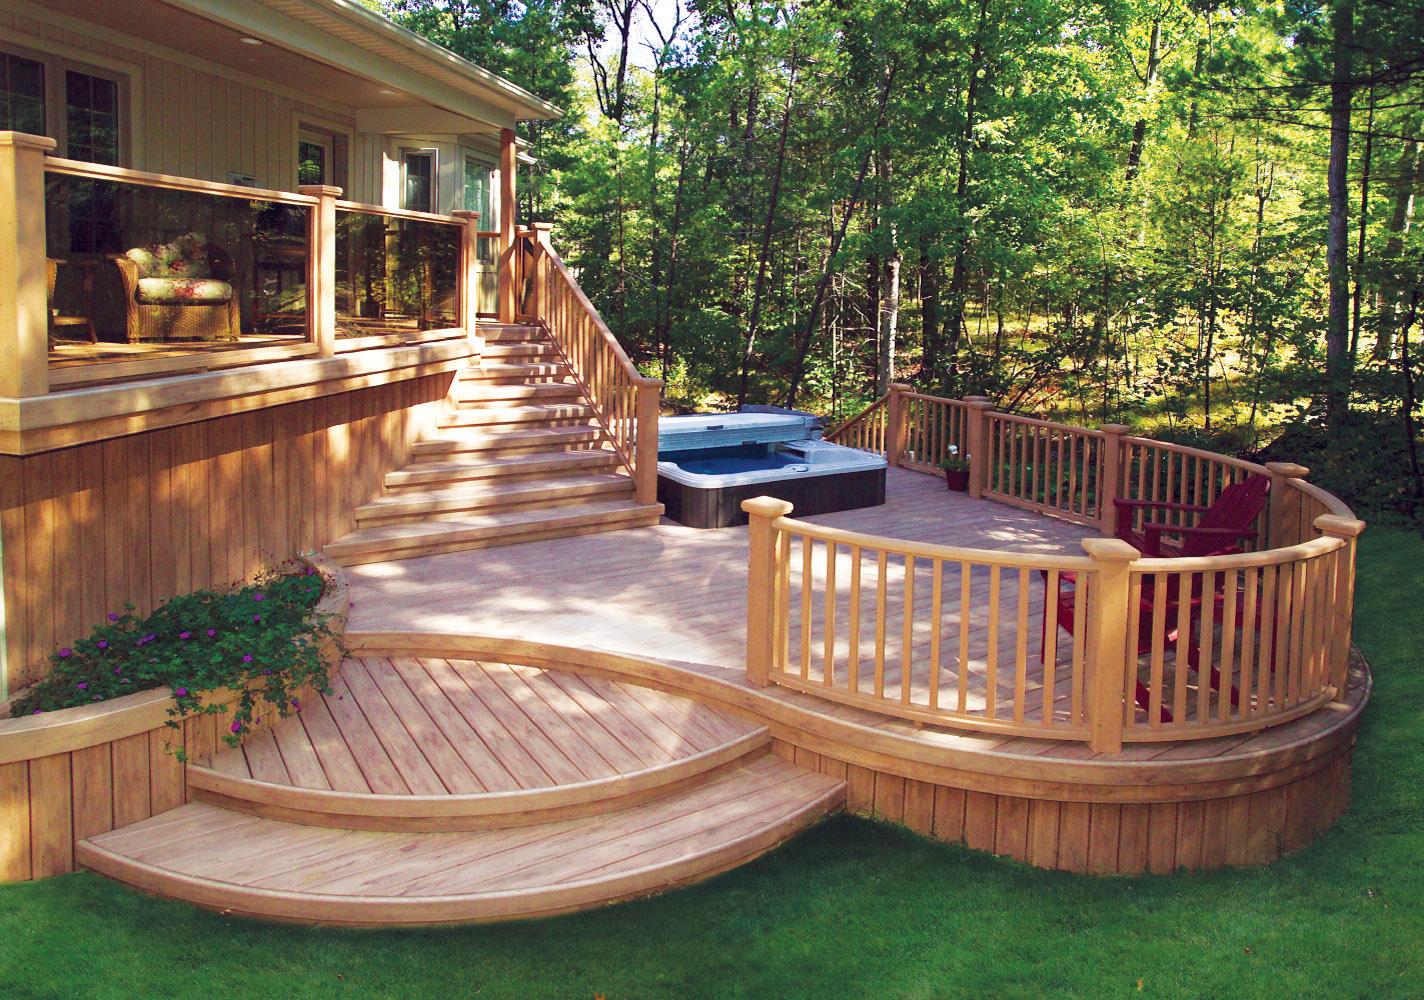 refaire une beaut sa terrasse ne sautez pas d tapes univers de couleurs par beauti tone. Black Bedroom Furniture Sets. Home Design Ideas